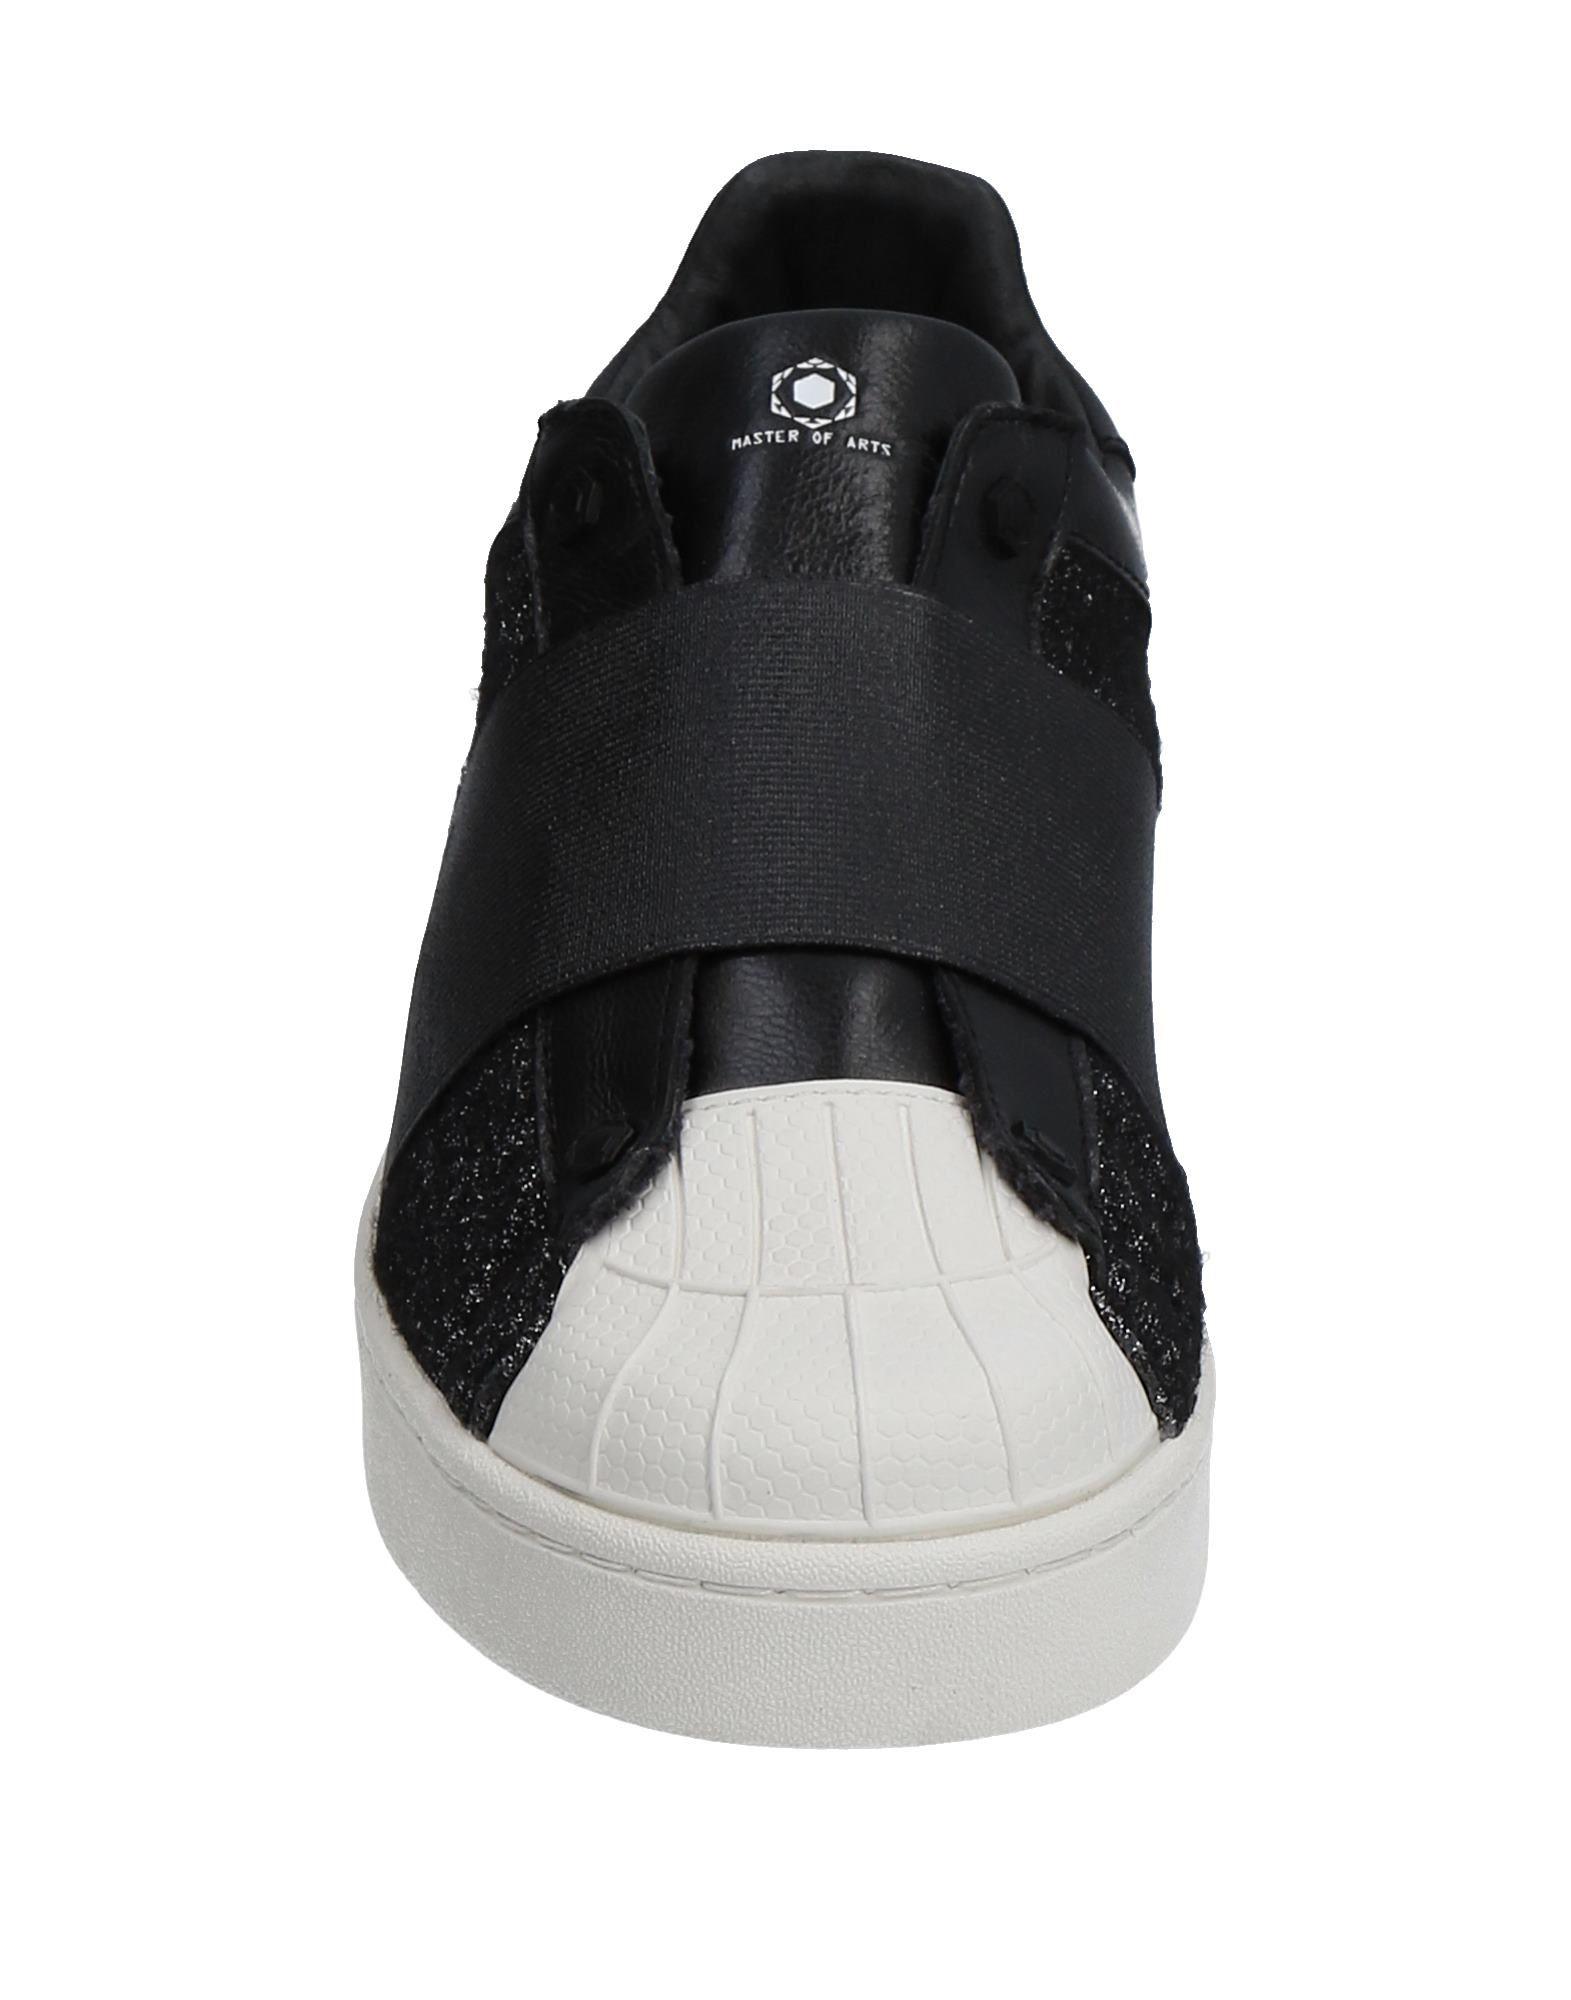 Rabatt echte Schuhe Moa Herren Master Of Arts Turnschuhes Herren Moa 11532189PK 7f7626